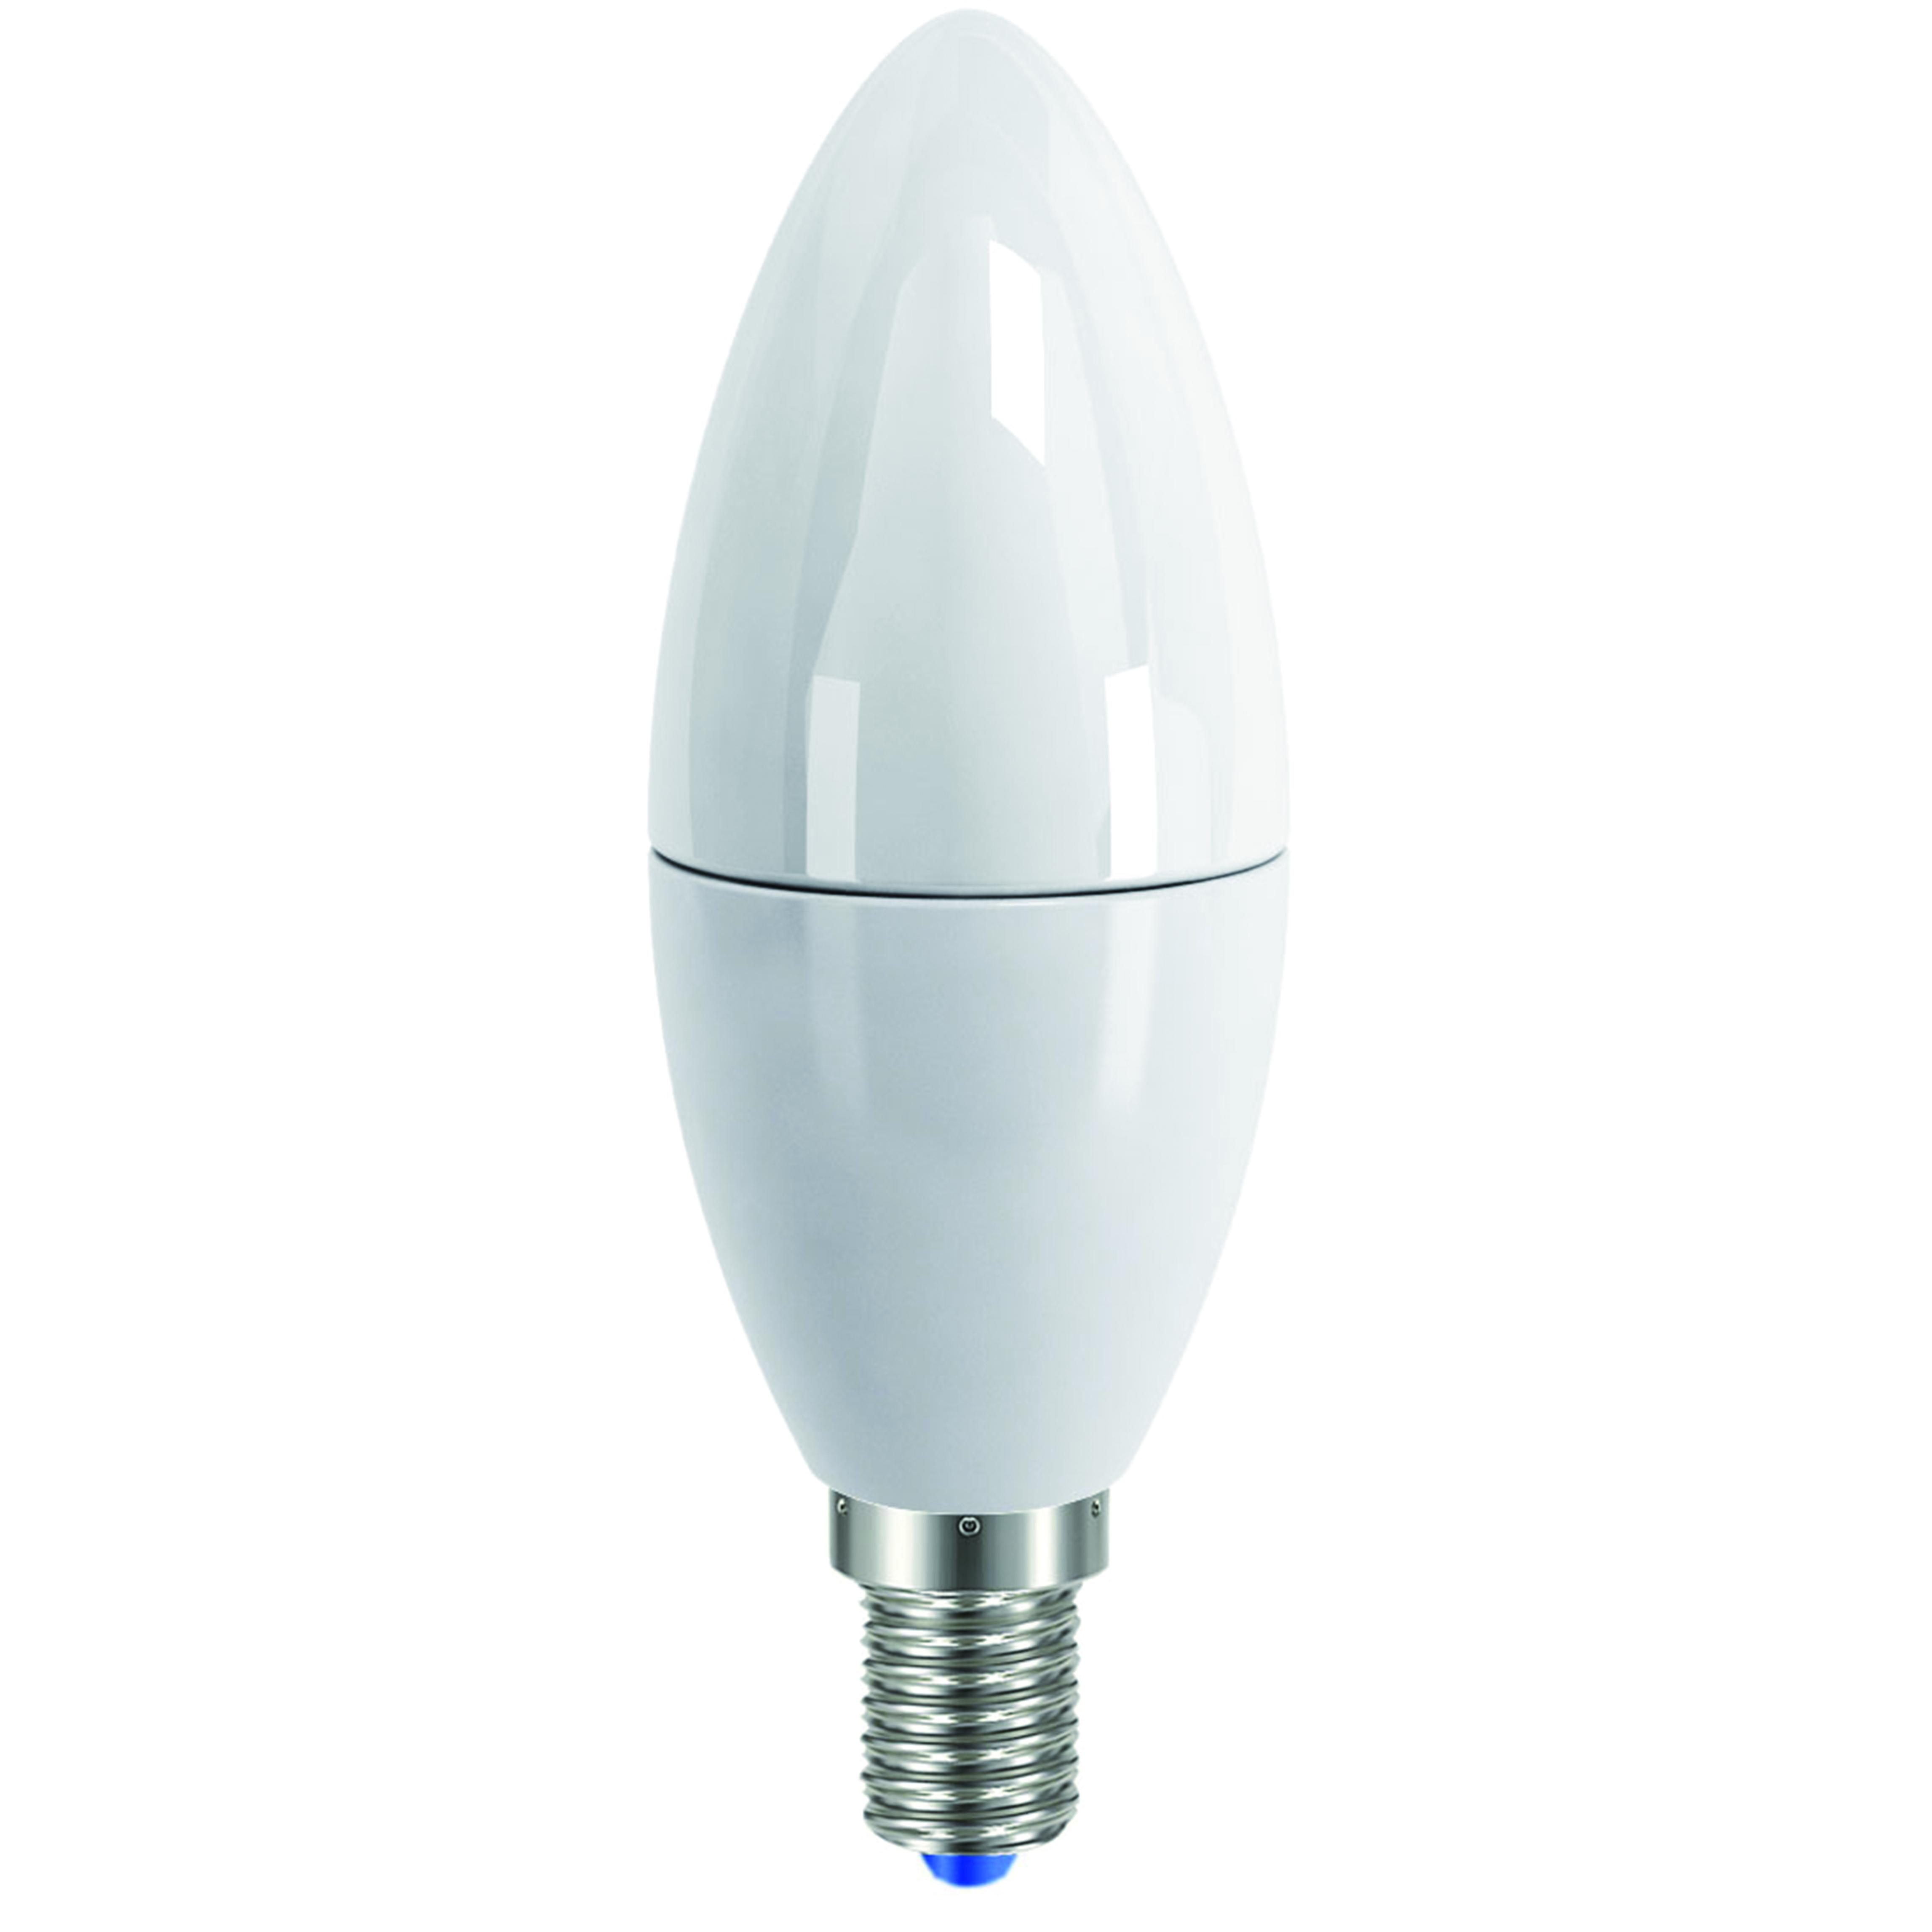 Nuove lampade a led for Led lampade